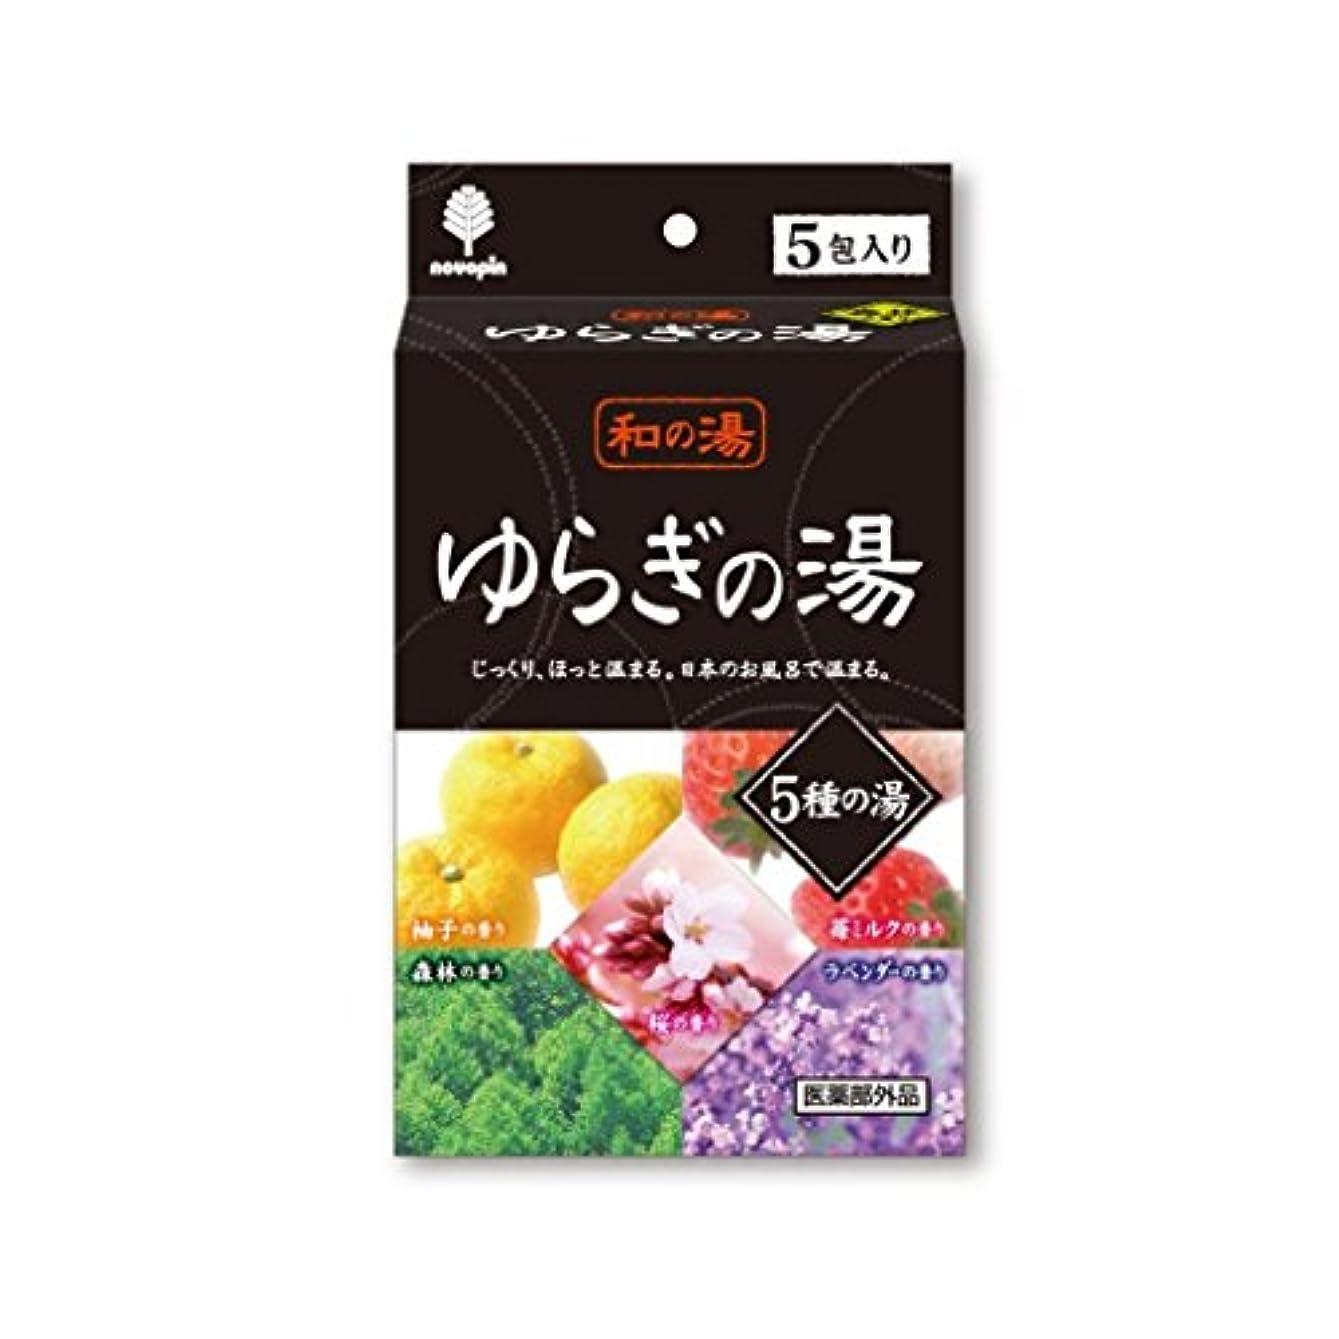 役割疎外する紀陽除虫菊 日本製 Japan 和の湯 ゆらぎの湯 5種の湯 25g×5包入 【まとめ買い10個セット】